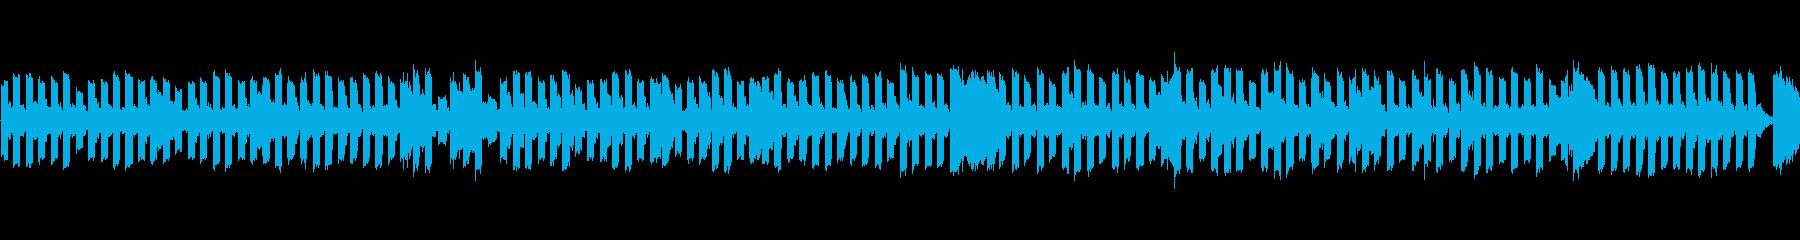 チップチューンのコミカルなBGMの再生済みの波形